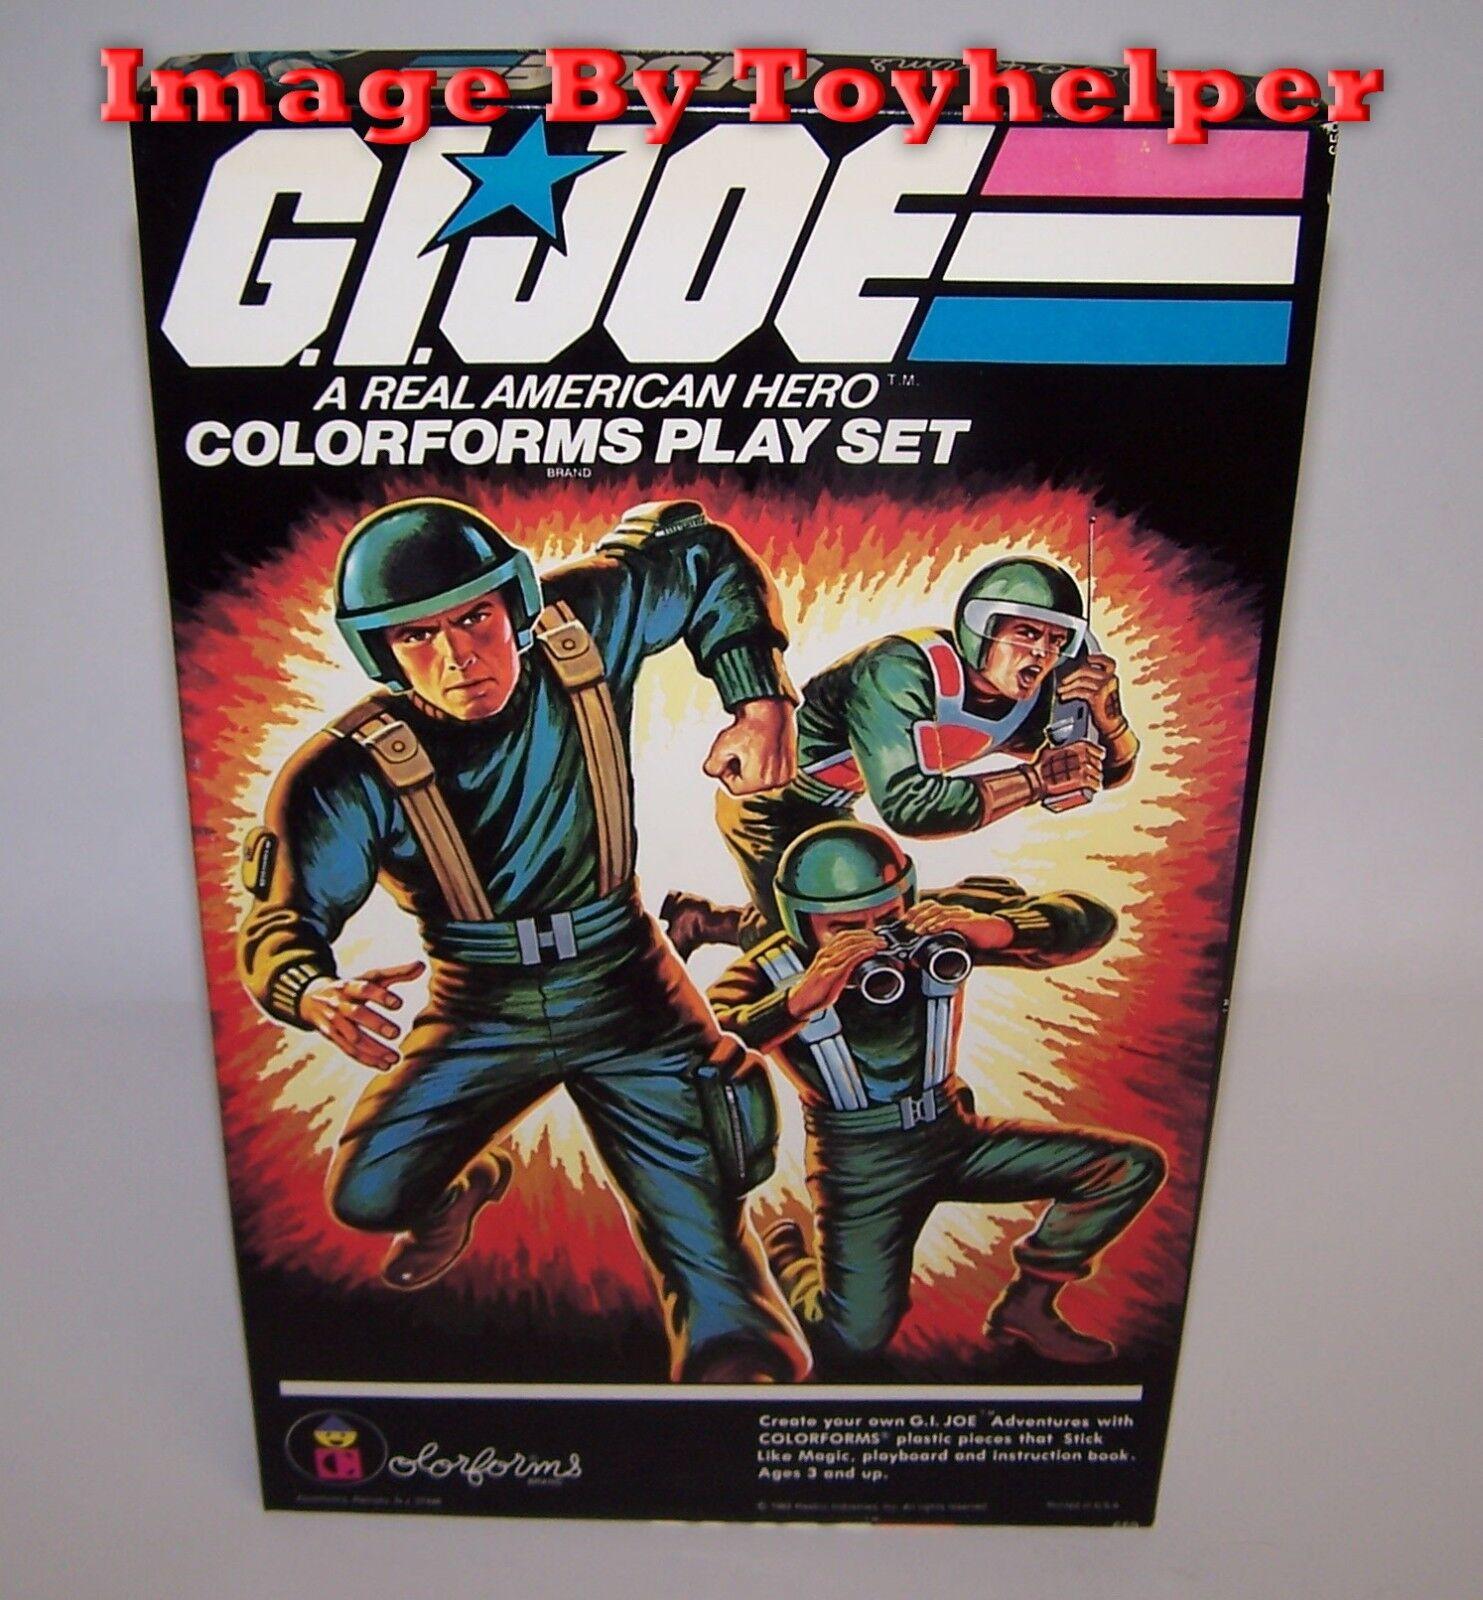 Gi - joe ein wahrer amerikanischer held Farbeforms spielen nicht im kasten gesetzt